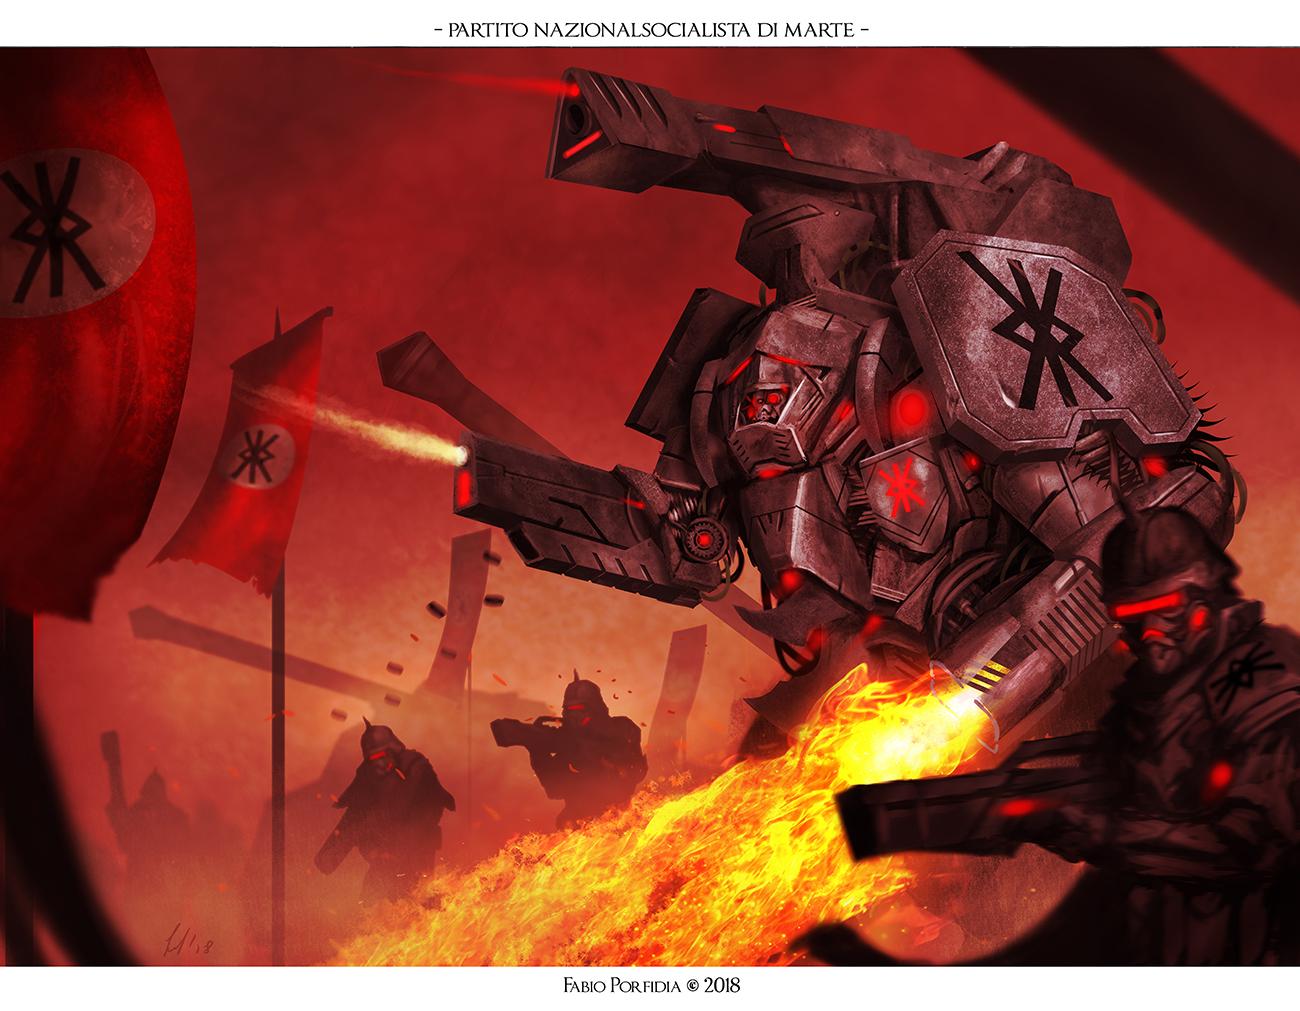 Partito Nazionalsocialista di Marte